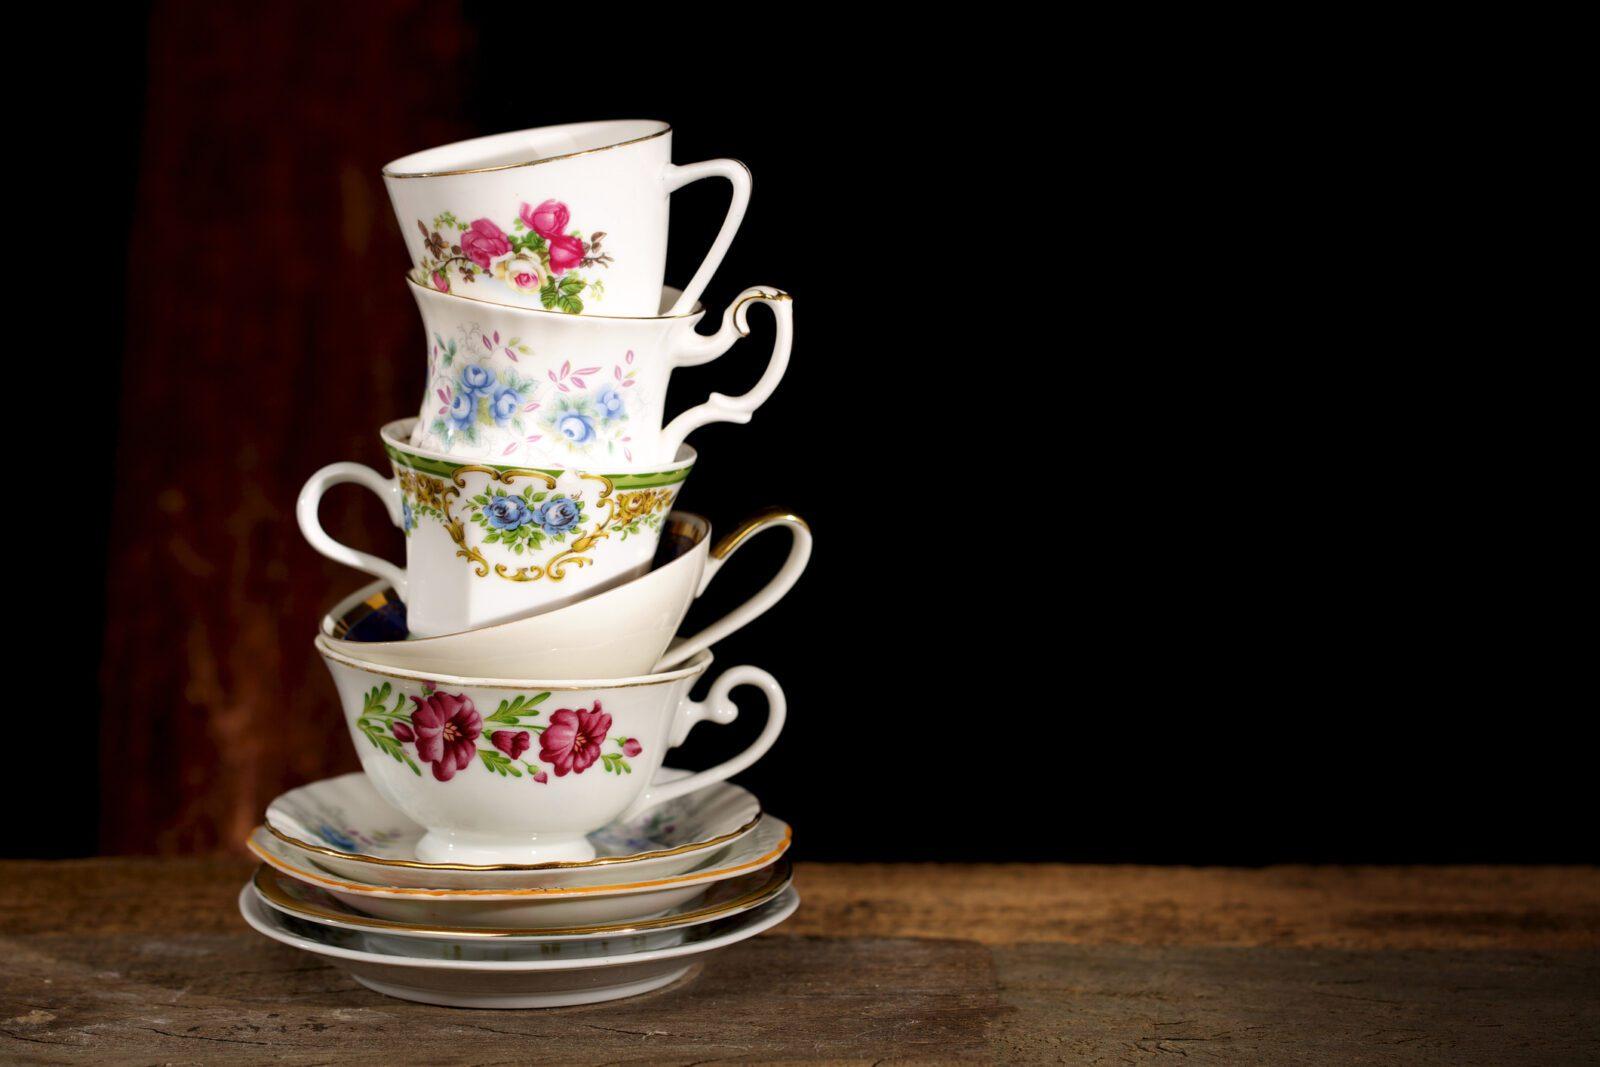 Various vintage porcelain teacups with floral decoration on dark background.